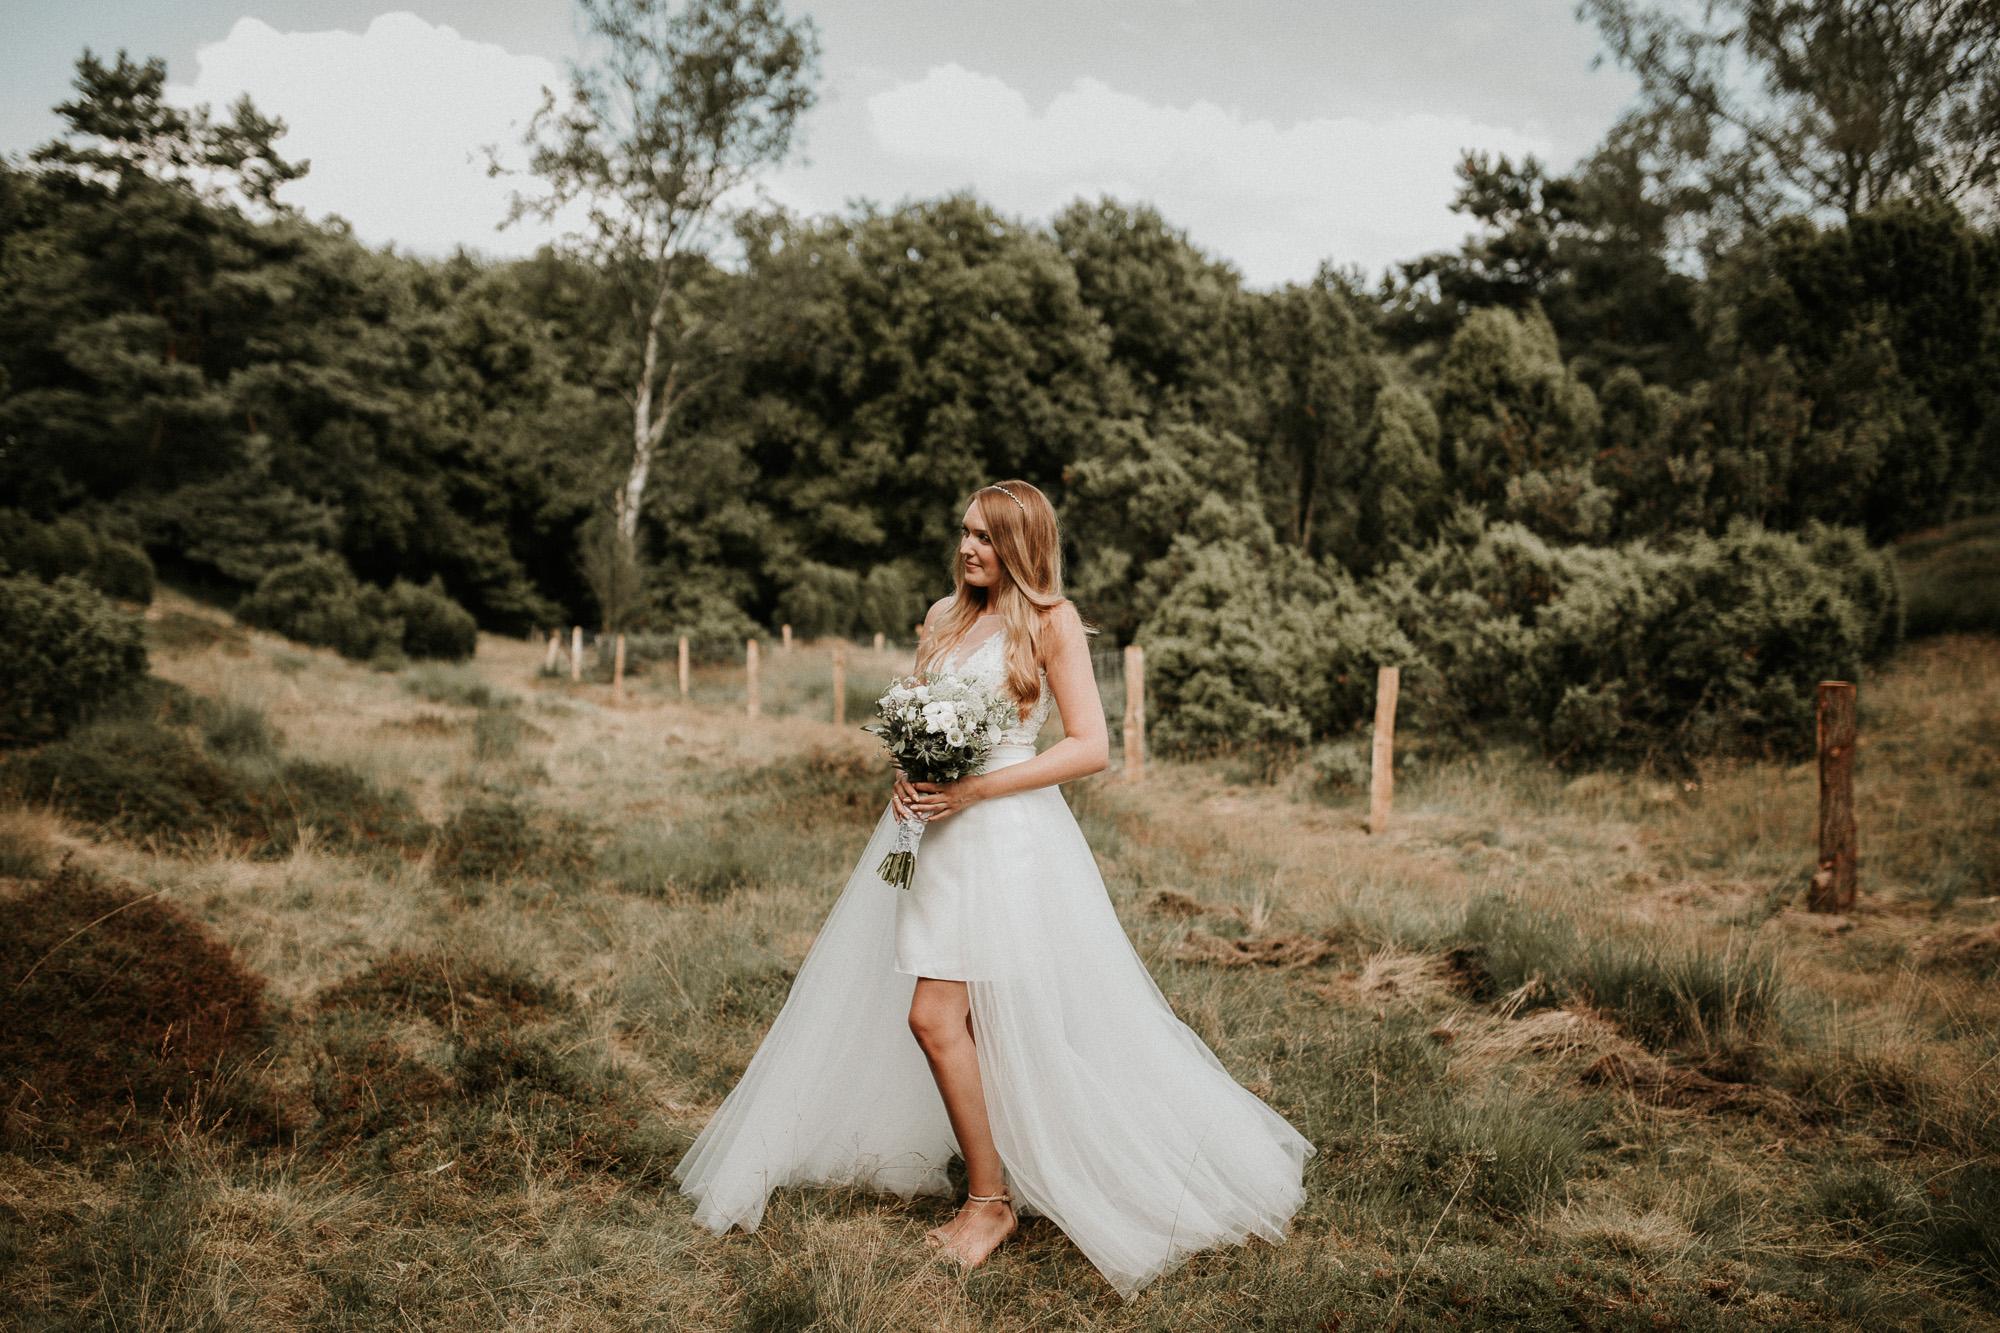 Hochzeitsfotograf_Dinslaken_Hanna_Marc83